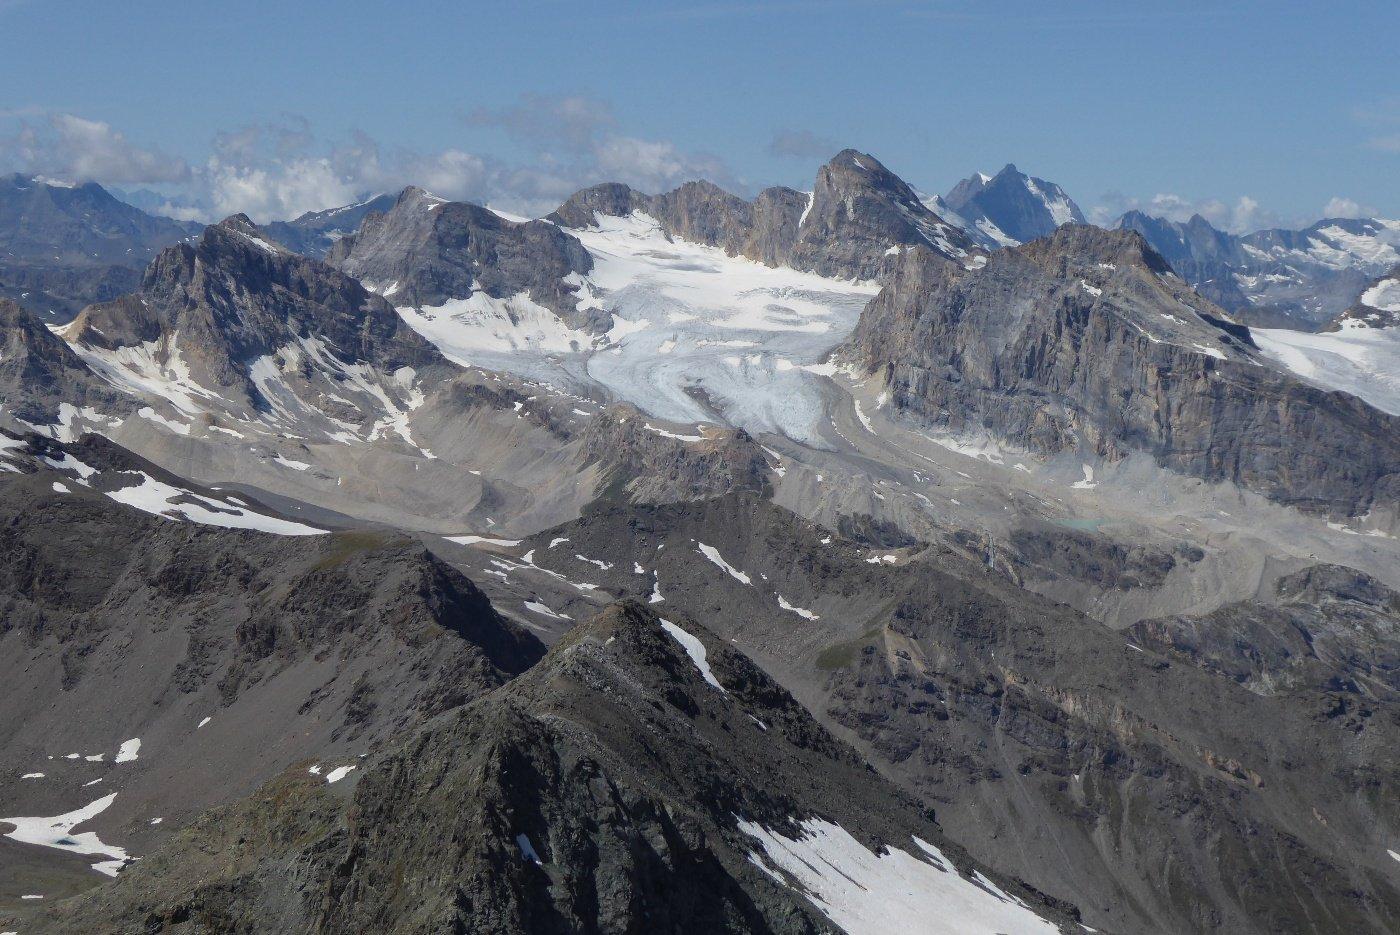 Tsanteleina, Granta Parei e tante altre cime